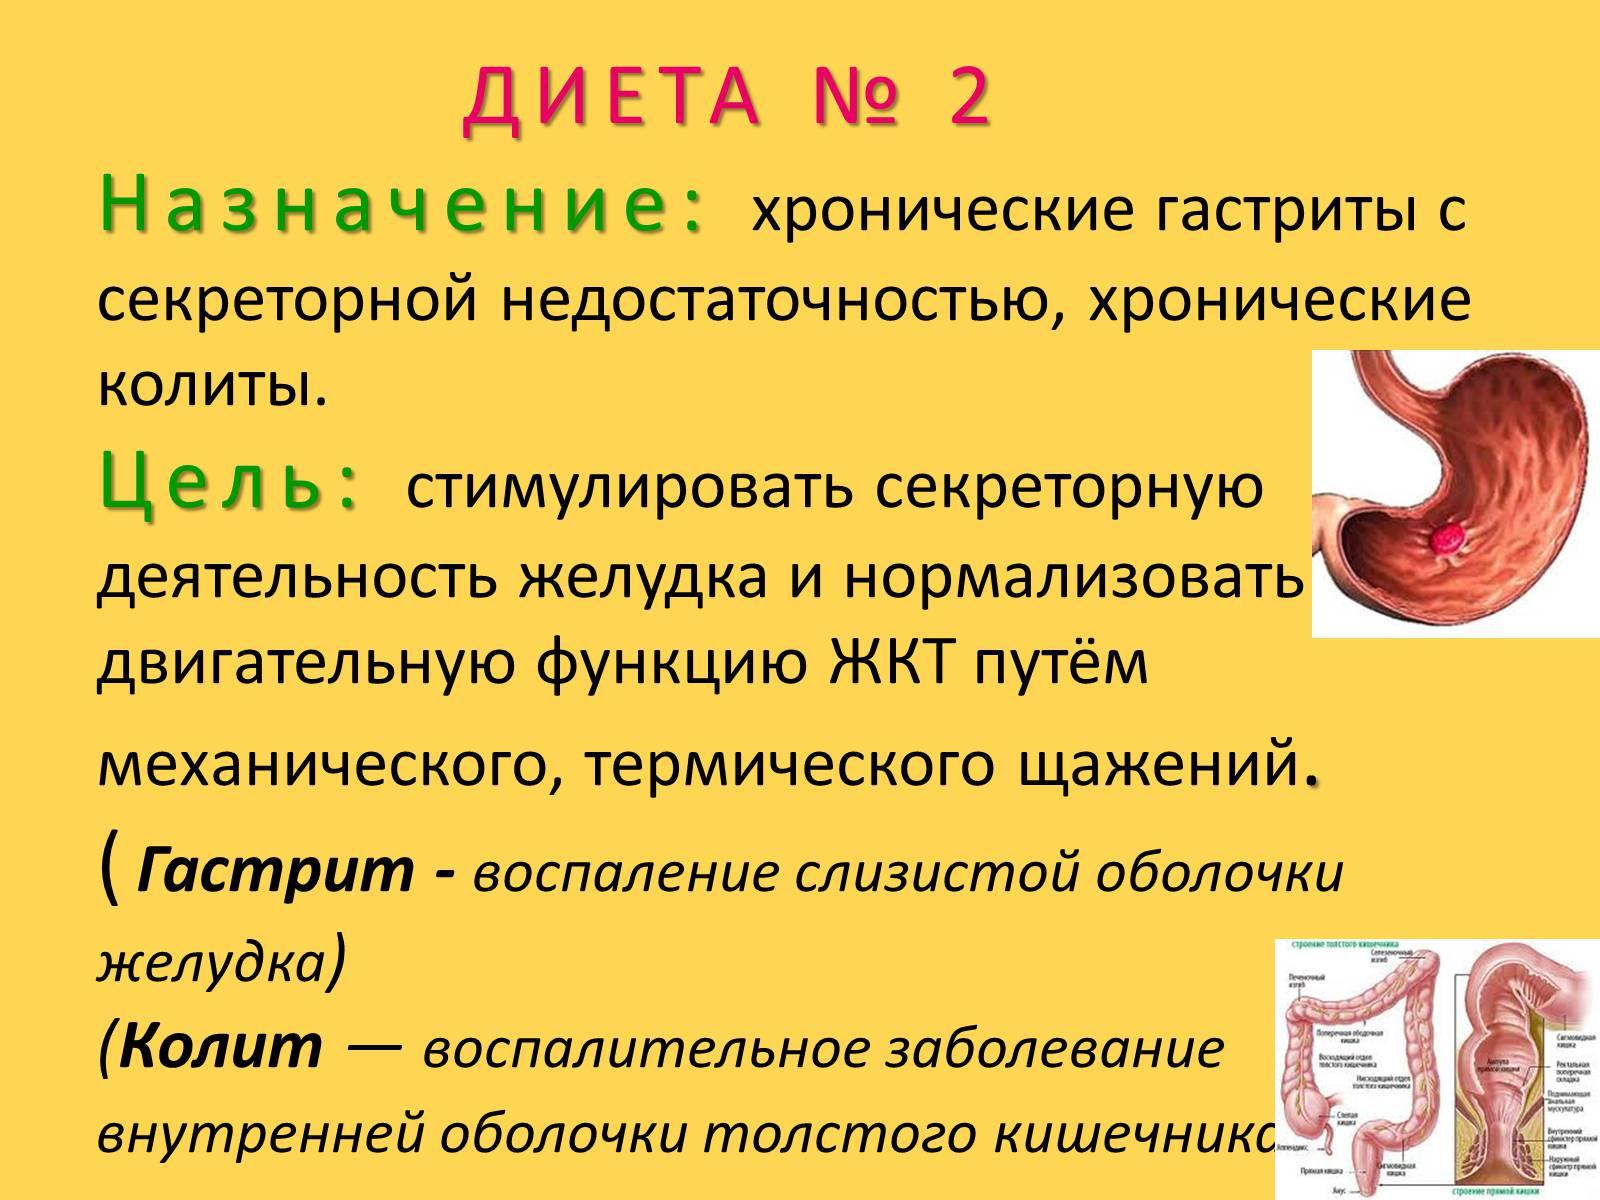 Презентация лечебные диеты